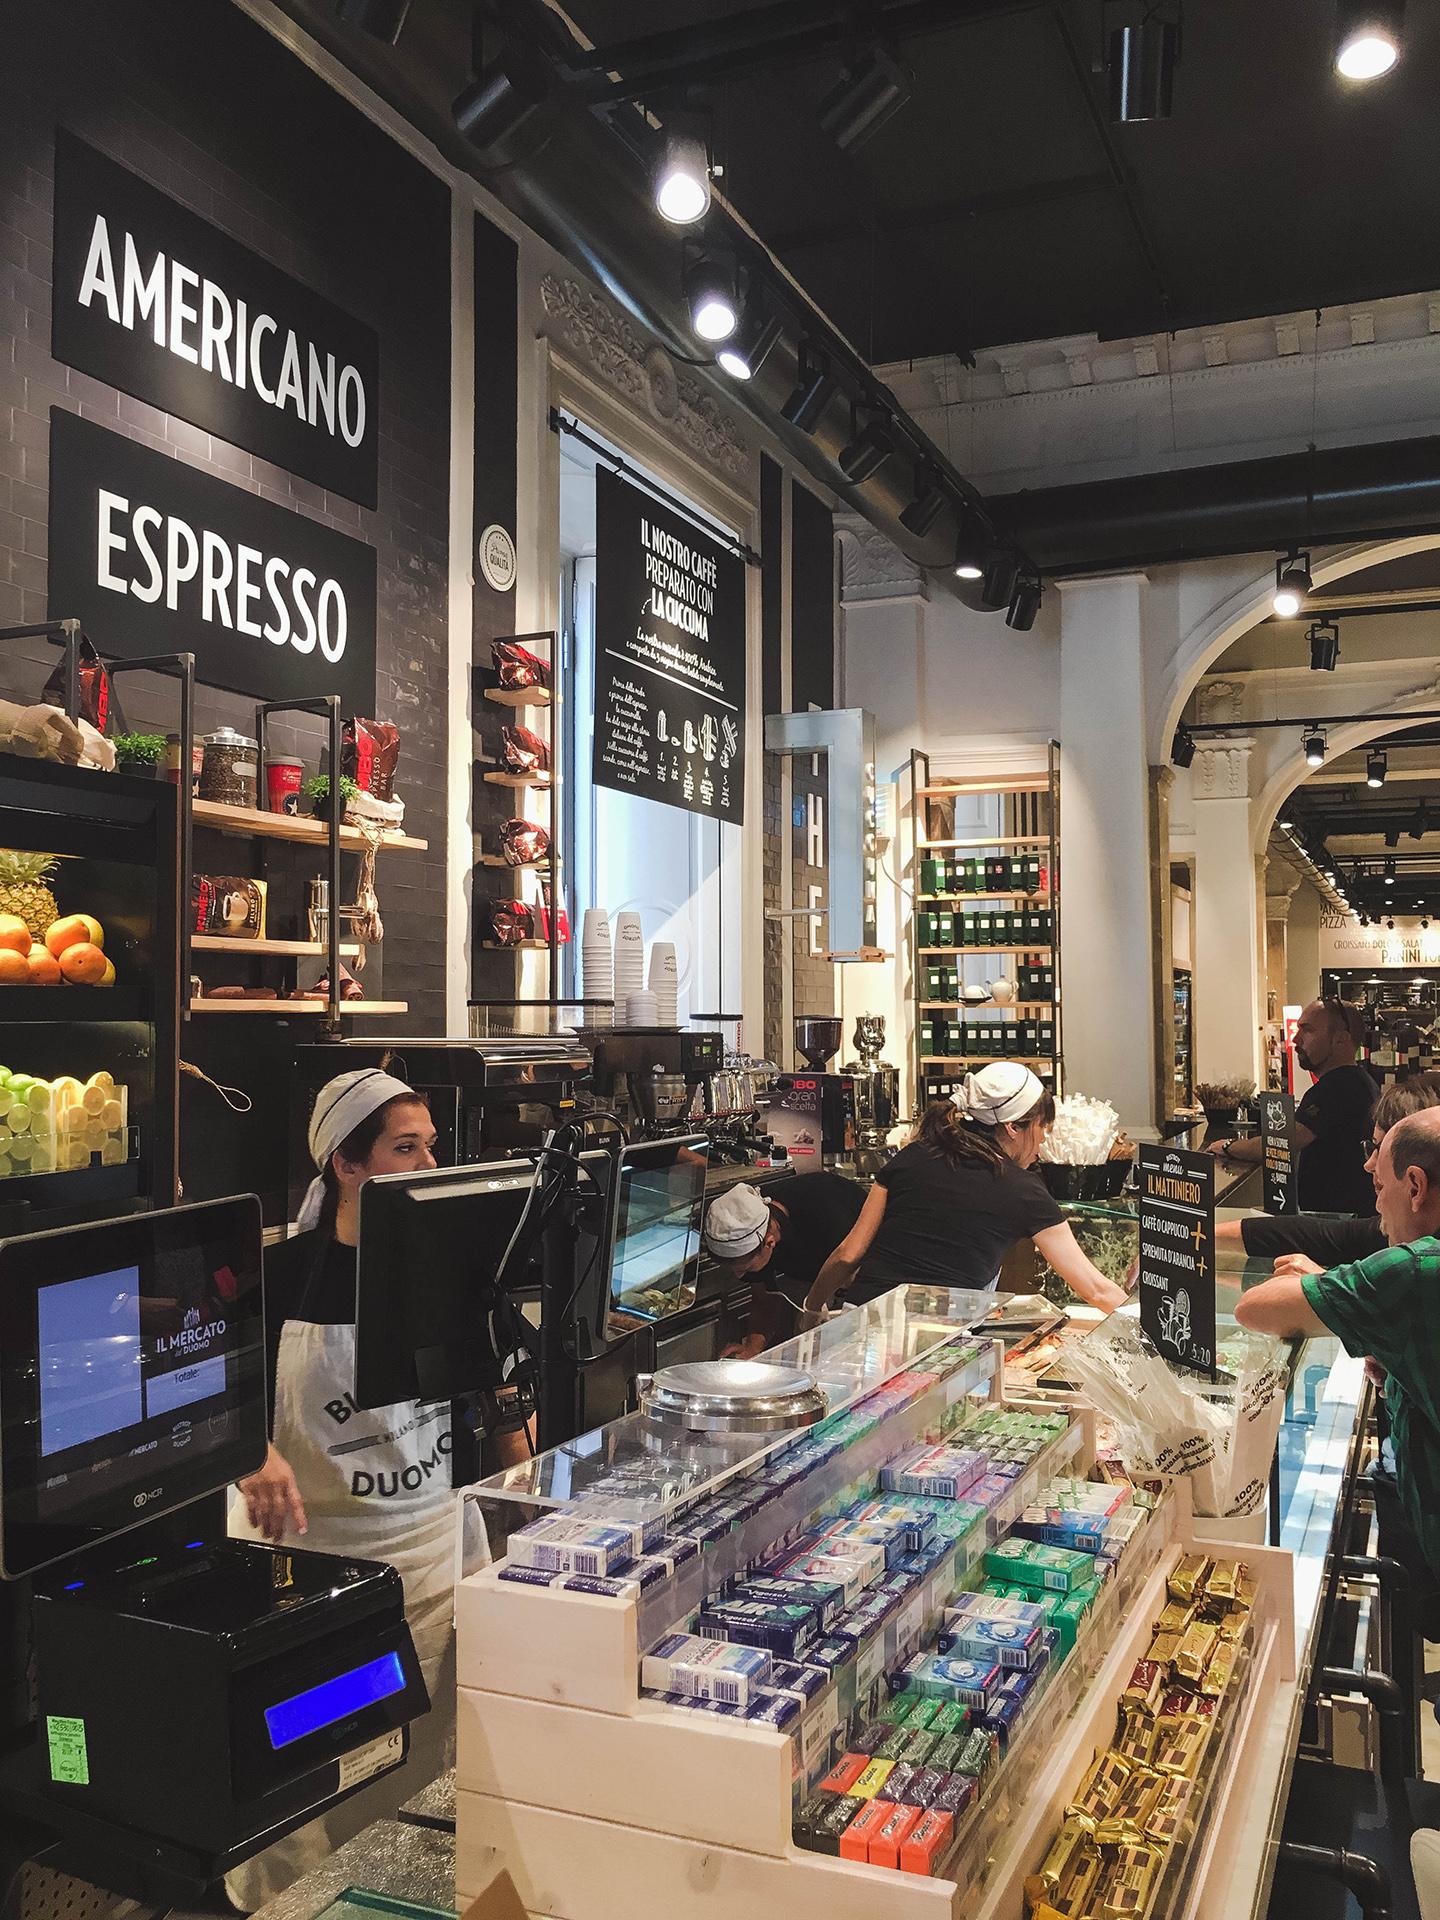 http://www.caffeine-dreams.com/wp-content/uploads/2017/03/Milano-72.jpg